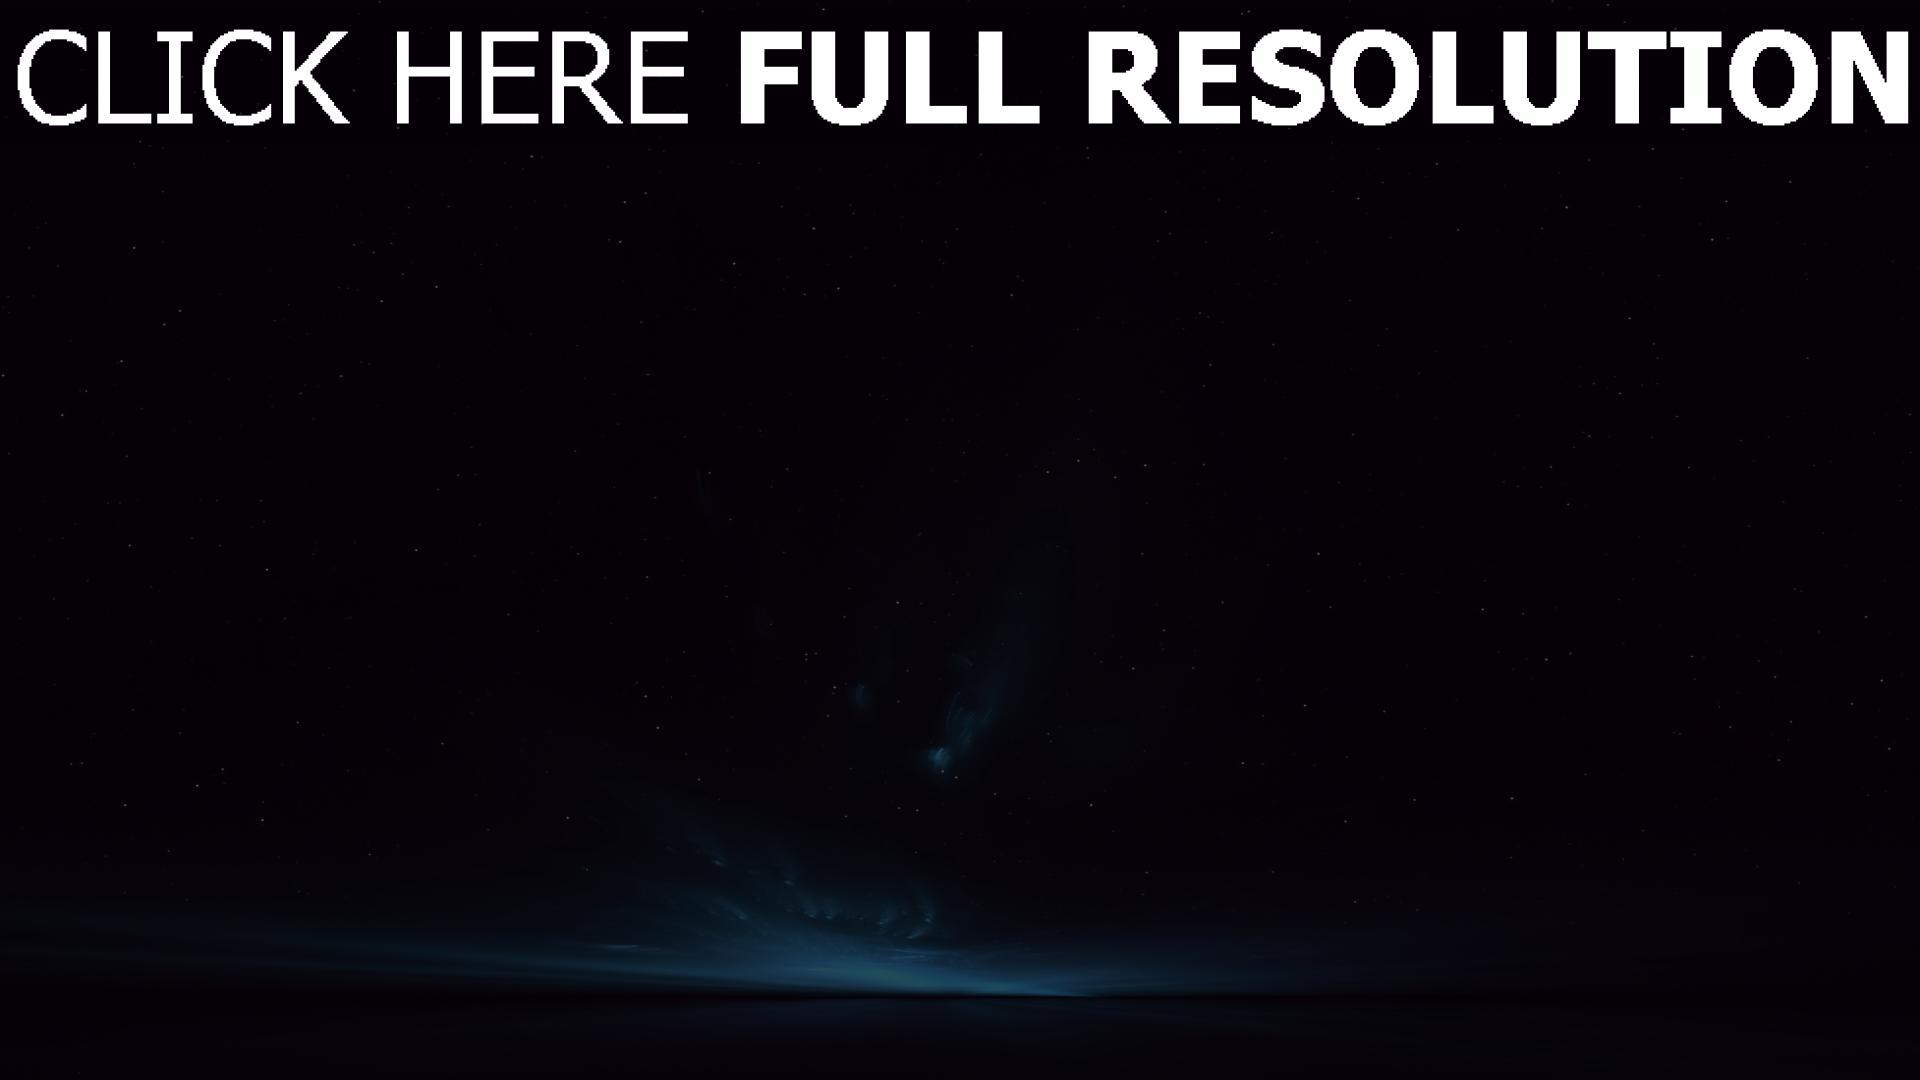 hd hintergrundbilder Sterne Himmel Weltraum Licht 1920x1080